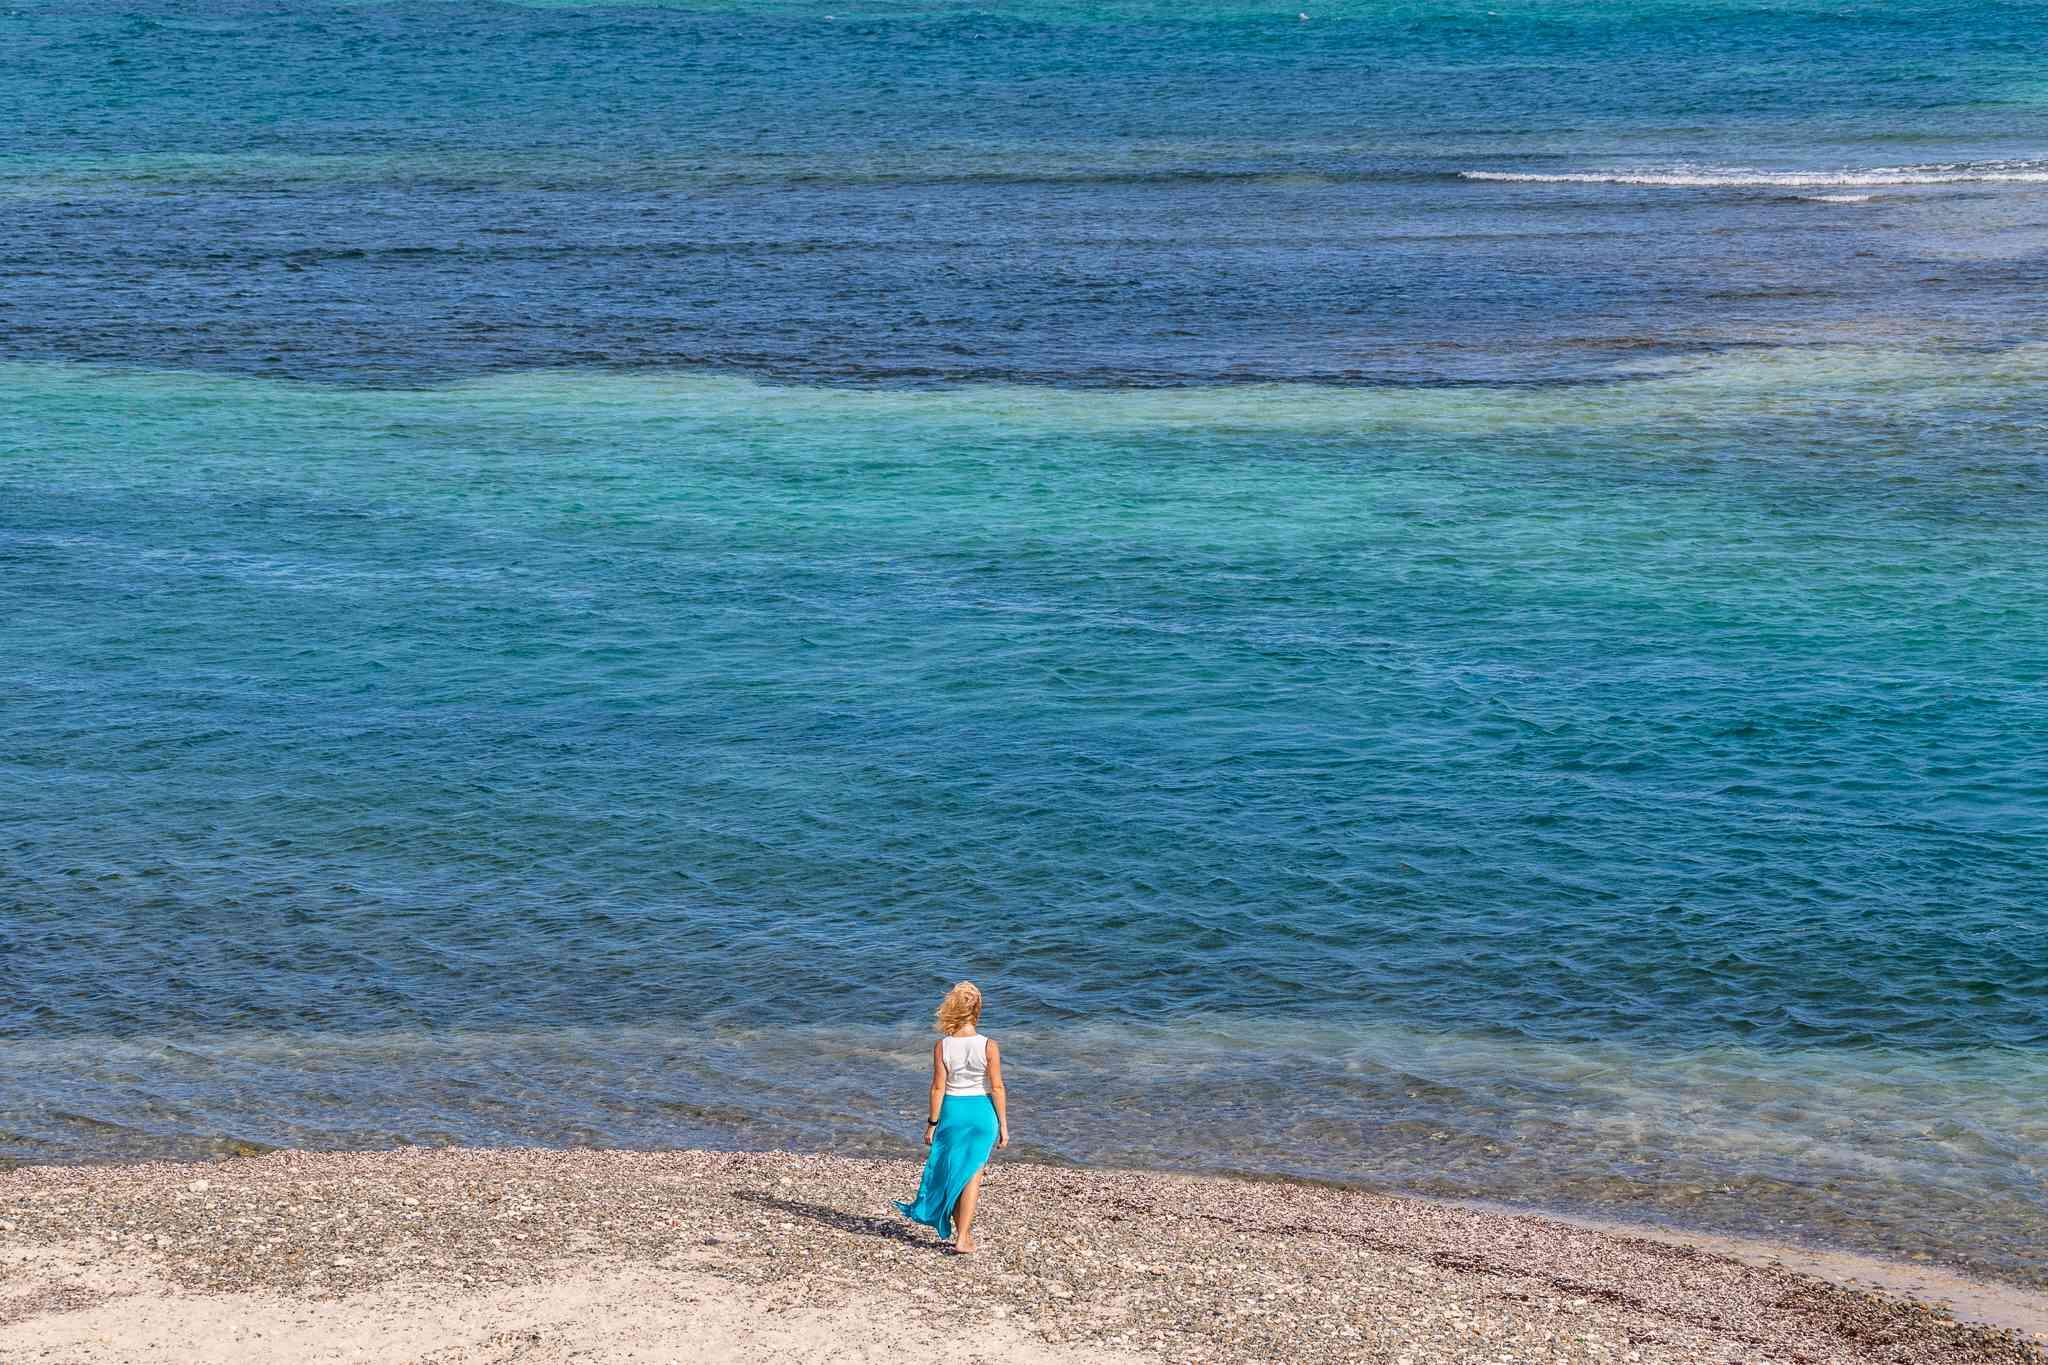 windstar's wind surf, caribbean celebration cruise, windstar cruises, porthole cruise magazine, porthole magazine, caribbean cruise